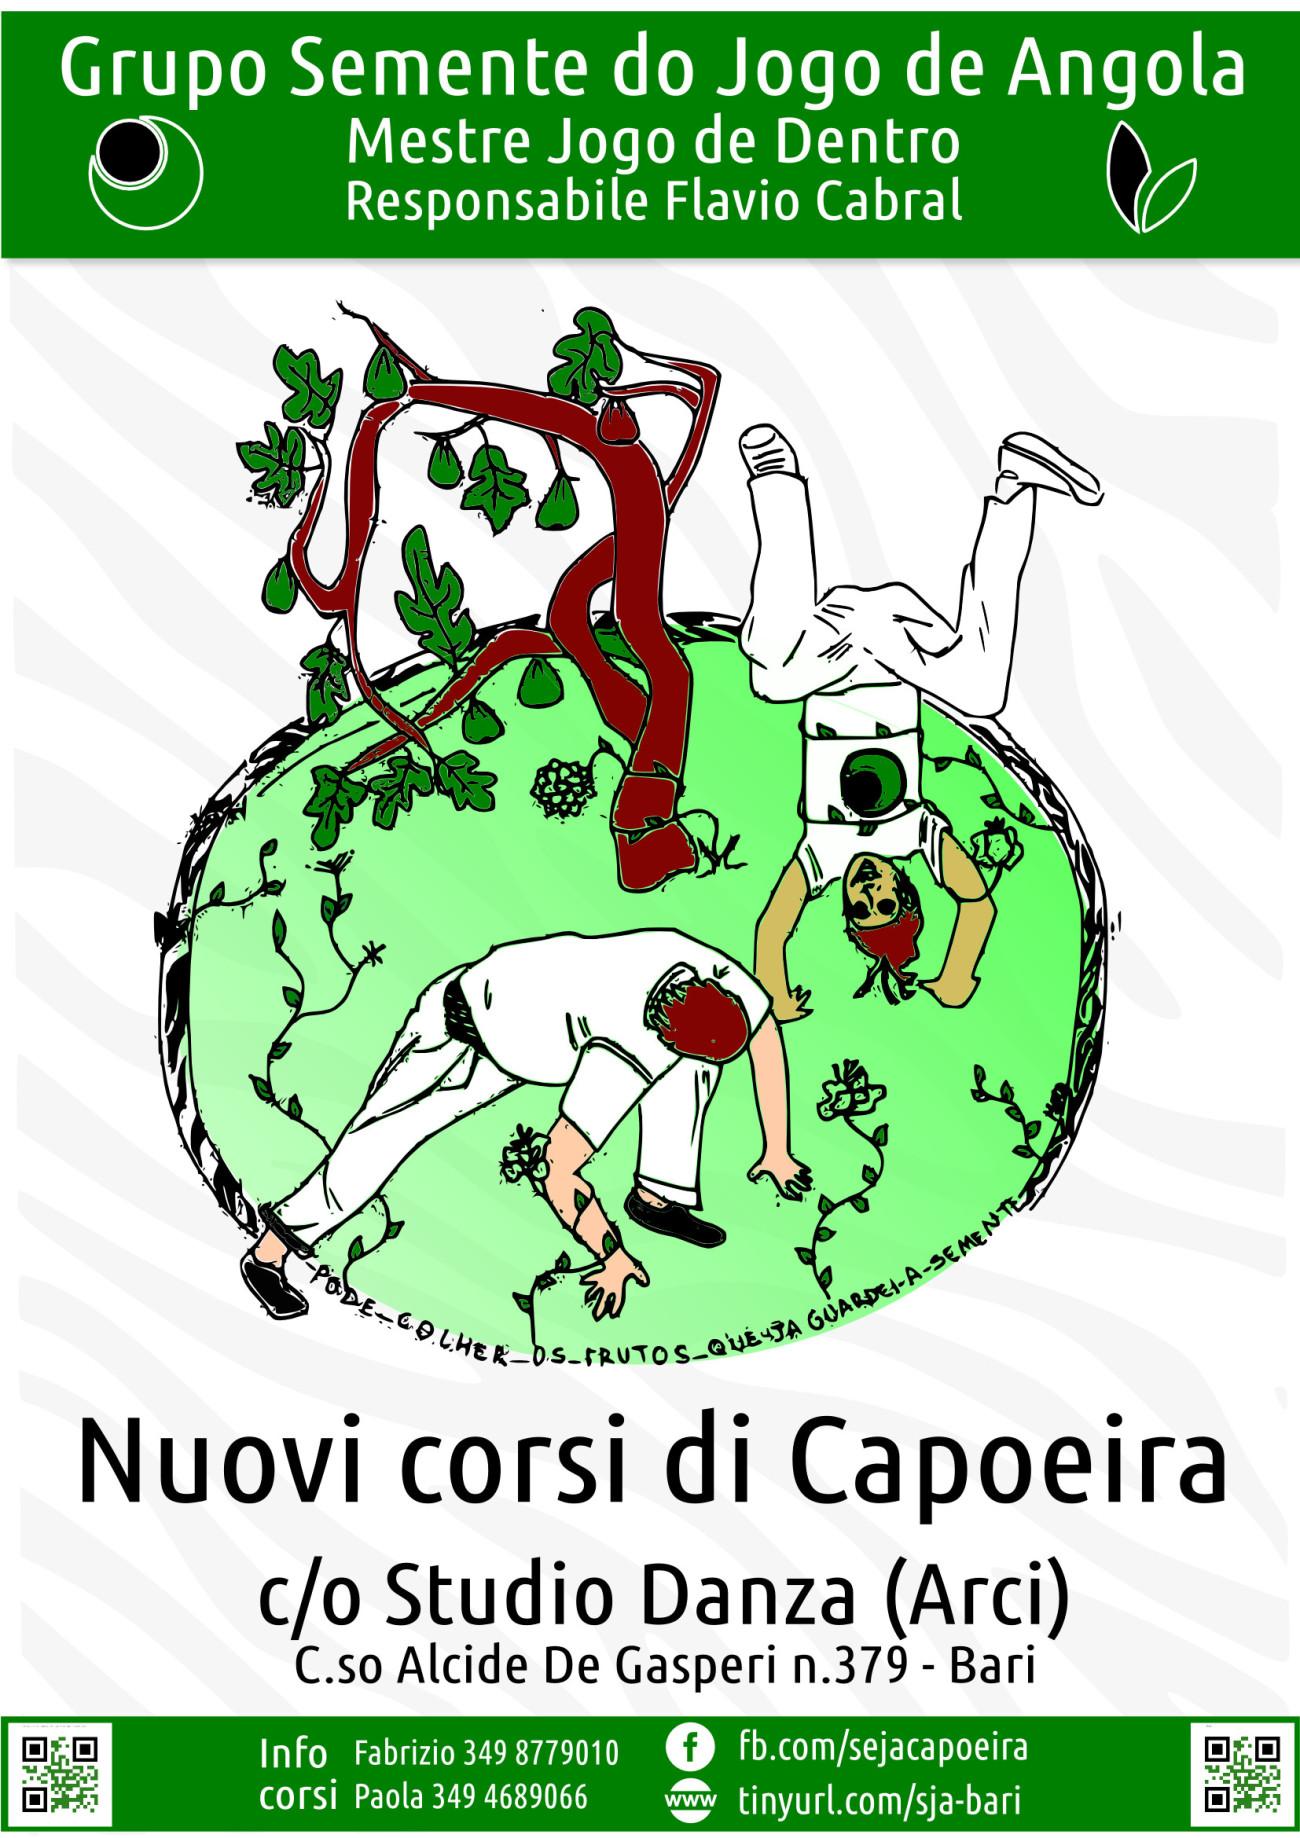 Corsi di Capoeira